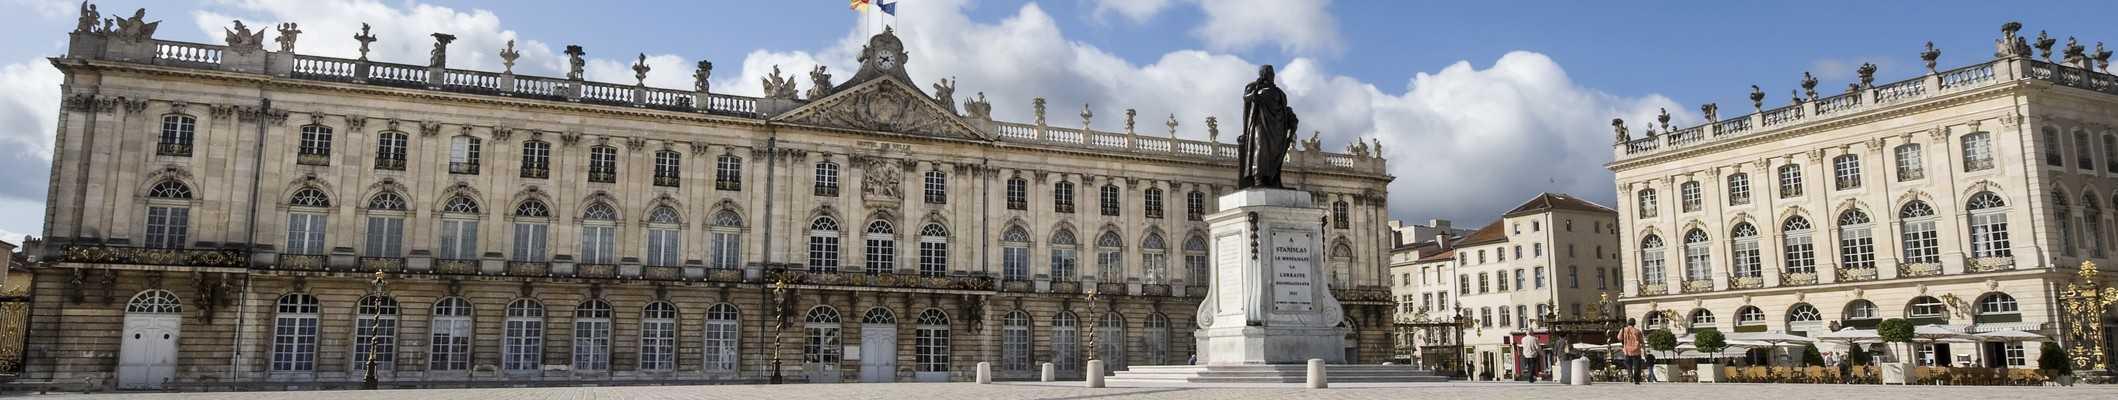 Meurthe-et-moselle département